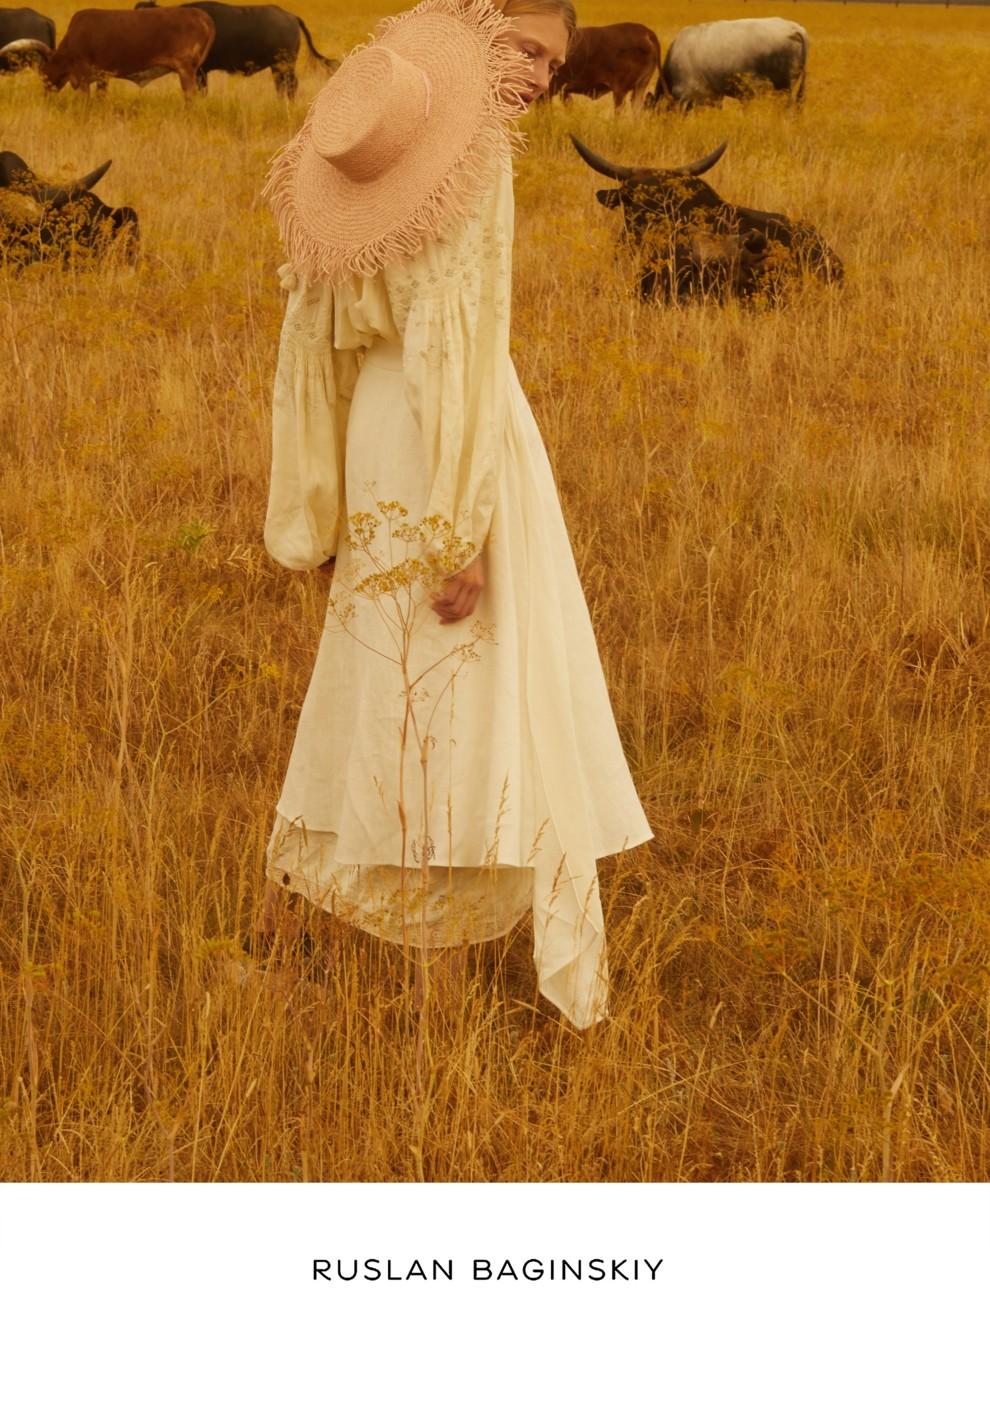 5b55a684ea5cd - Ruslan Baginskiy: вдохновленный украинскими красотами